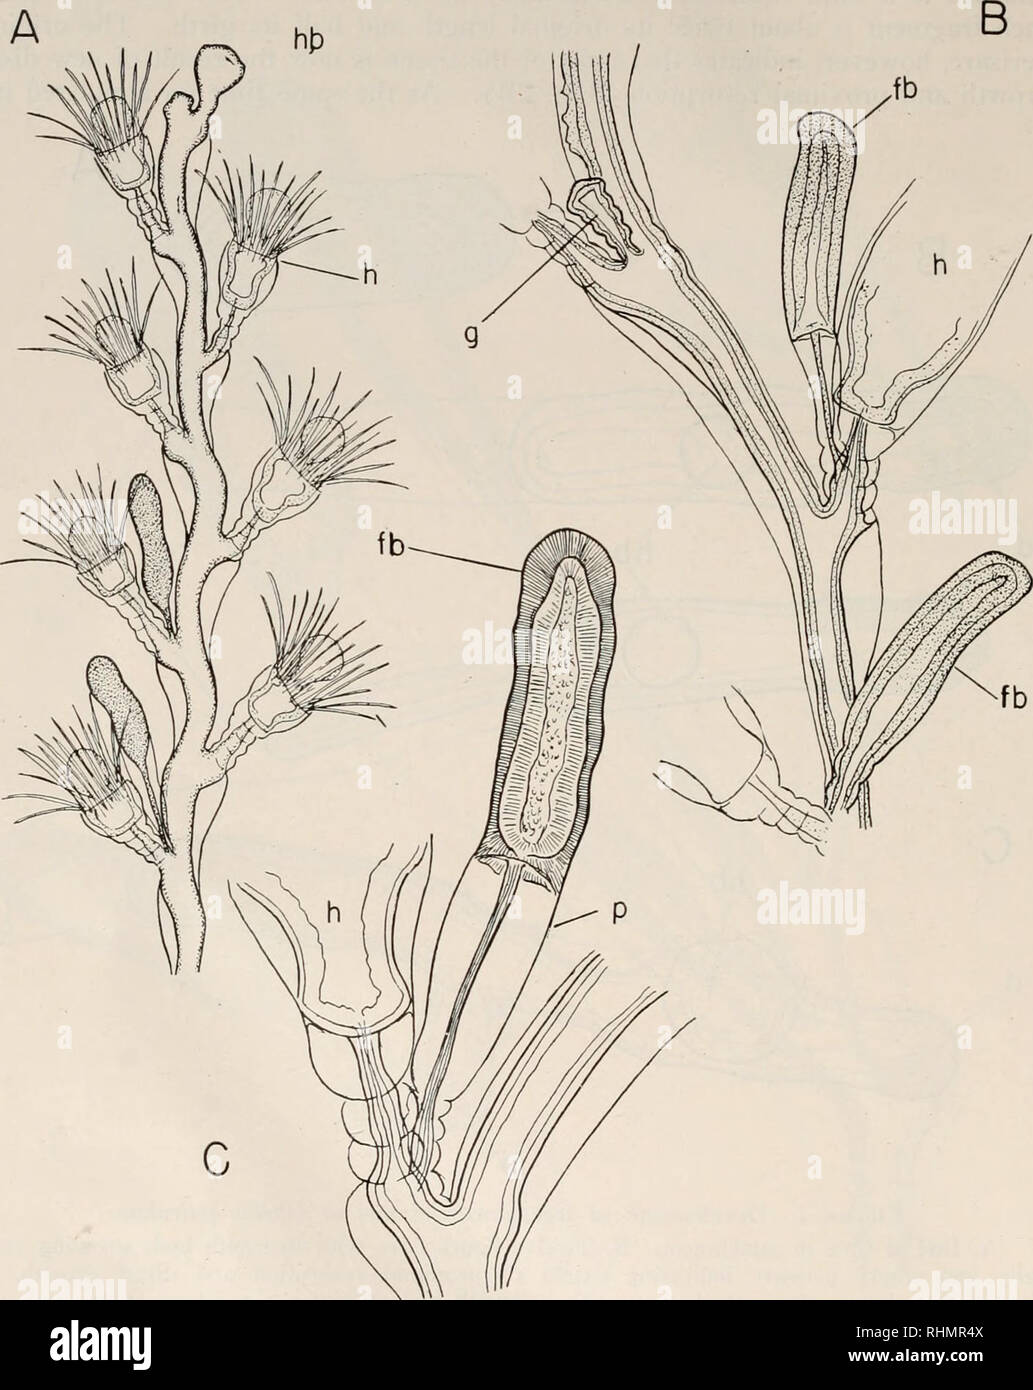 . Le bulletin biologique. Biologie; zoologie; biologie; biologie marine. 98 N. J. BERRILL. fb C FIGURE 3. Production d'gonangial Obclia garicitlata dans les bourgeons. A. brin complète avec deux gonangial avancée bourgeons. B. Cadre de montrer aux jeunes souches gonangium et deux étapes de production d'gonangial les bourgeons. C. Bud montrant forte démarcation entre présomption massive de bud et atténuées. tige proximale //;, De présomption de bouton; g, gonangium; //, hydranthe: /&gt;, perisarc.. Veuillez noter que ces images sont extraites de la page numérisée des images qui peuvent avoir été retouchées numériquement pour plus de lisibilité - couleur Photo Stock